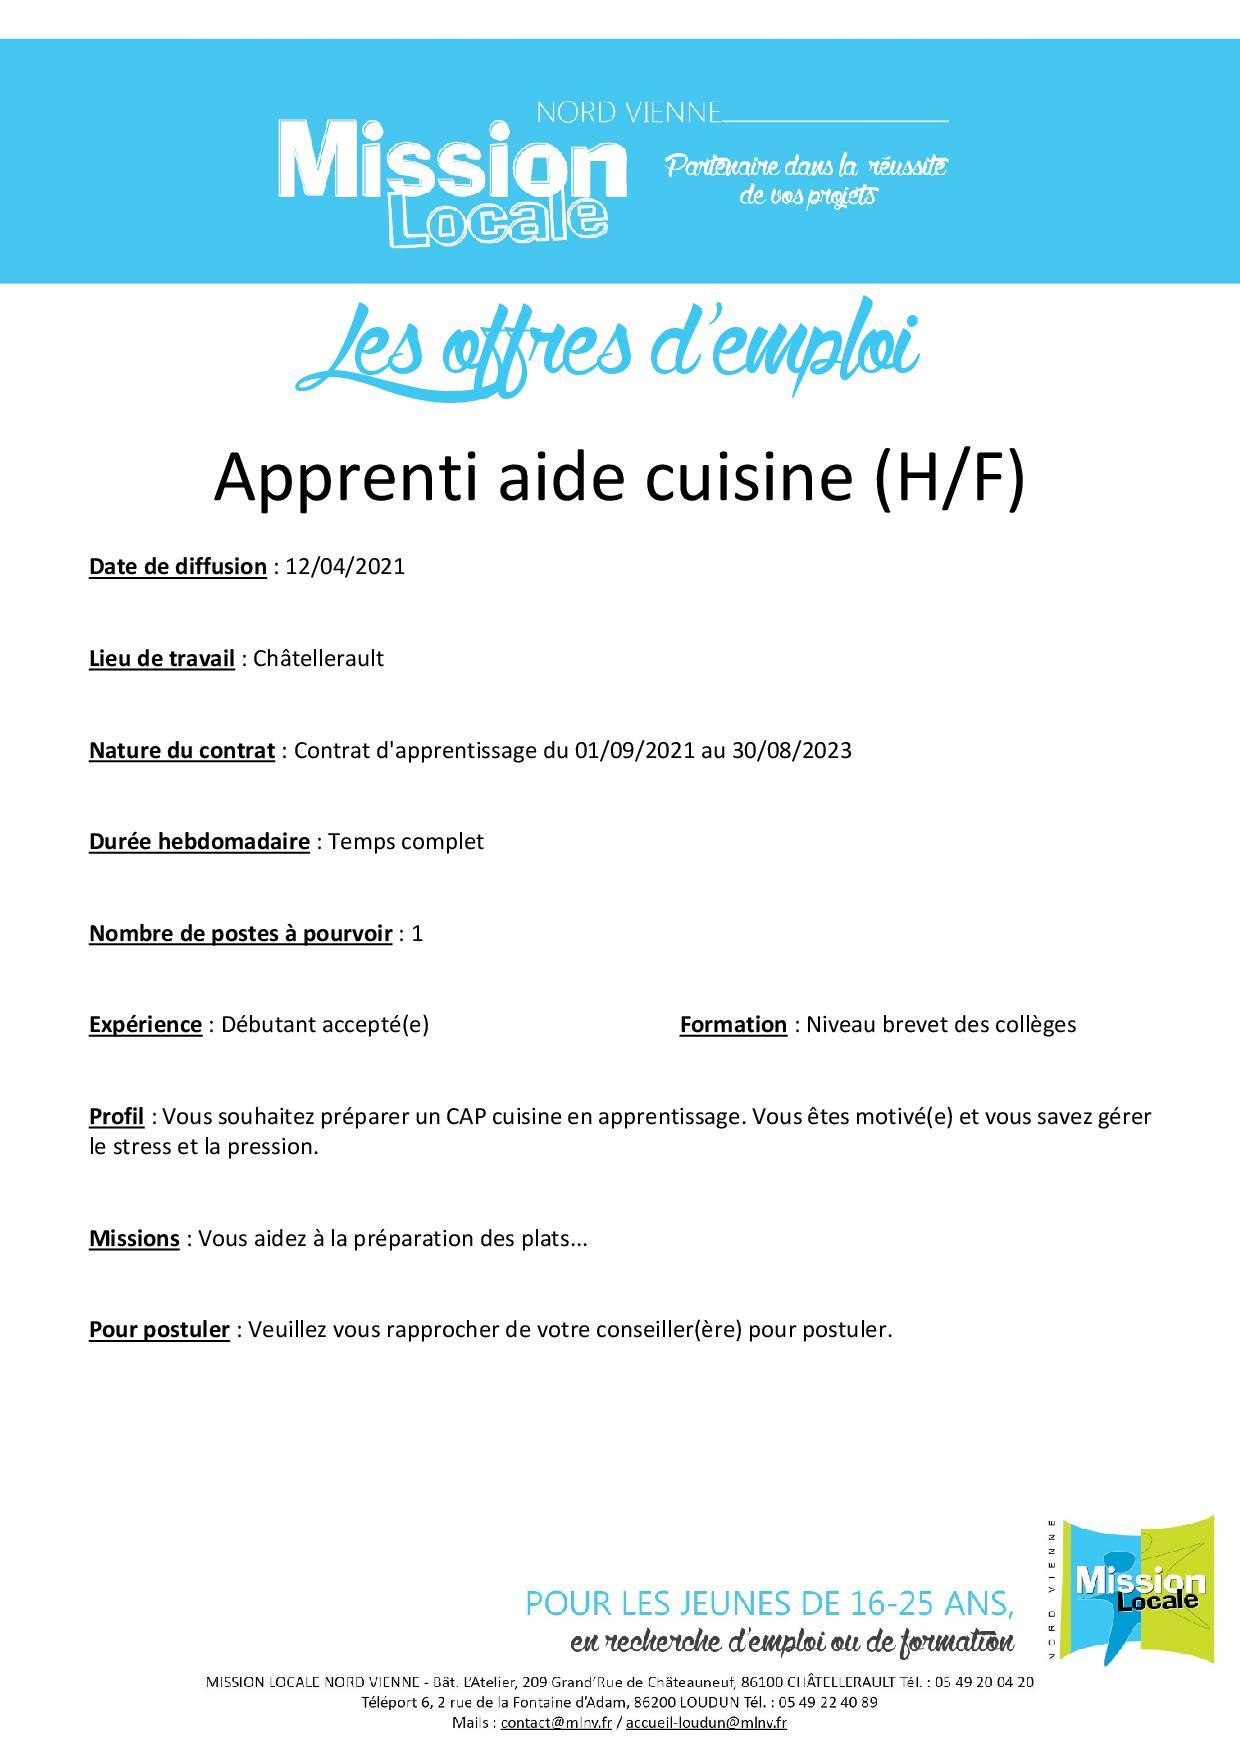 Apprenti aide cuisine (H/F)